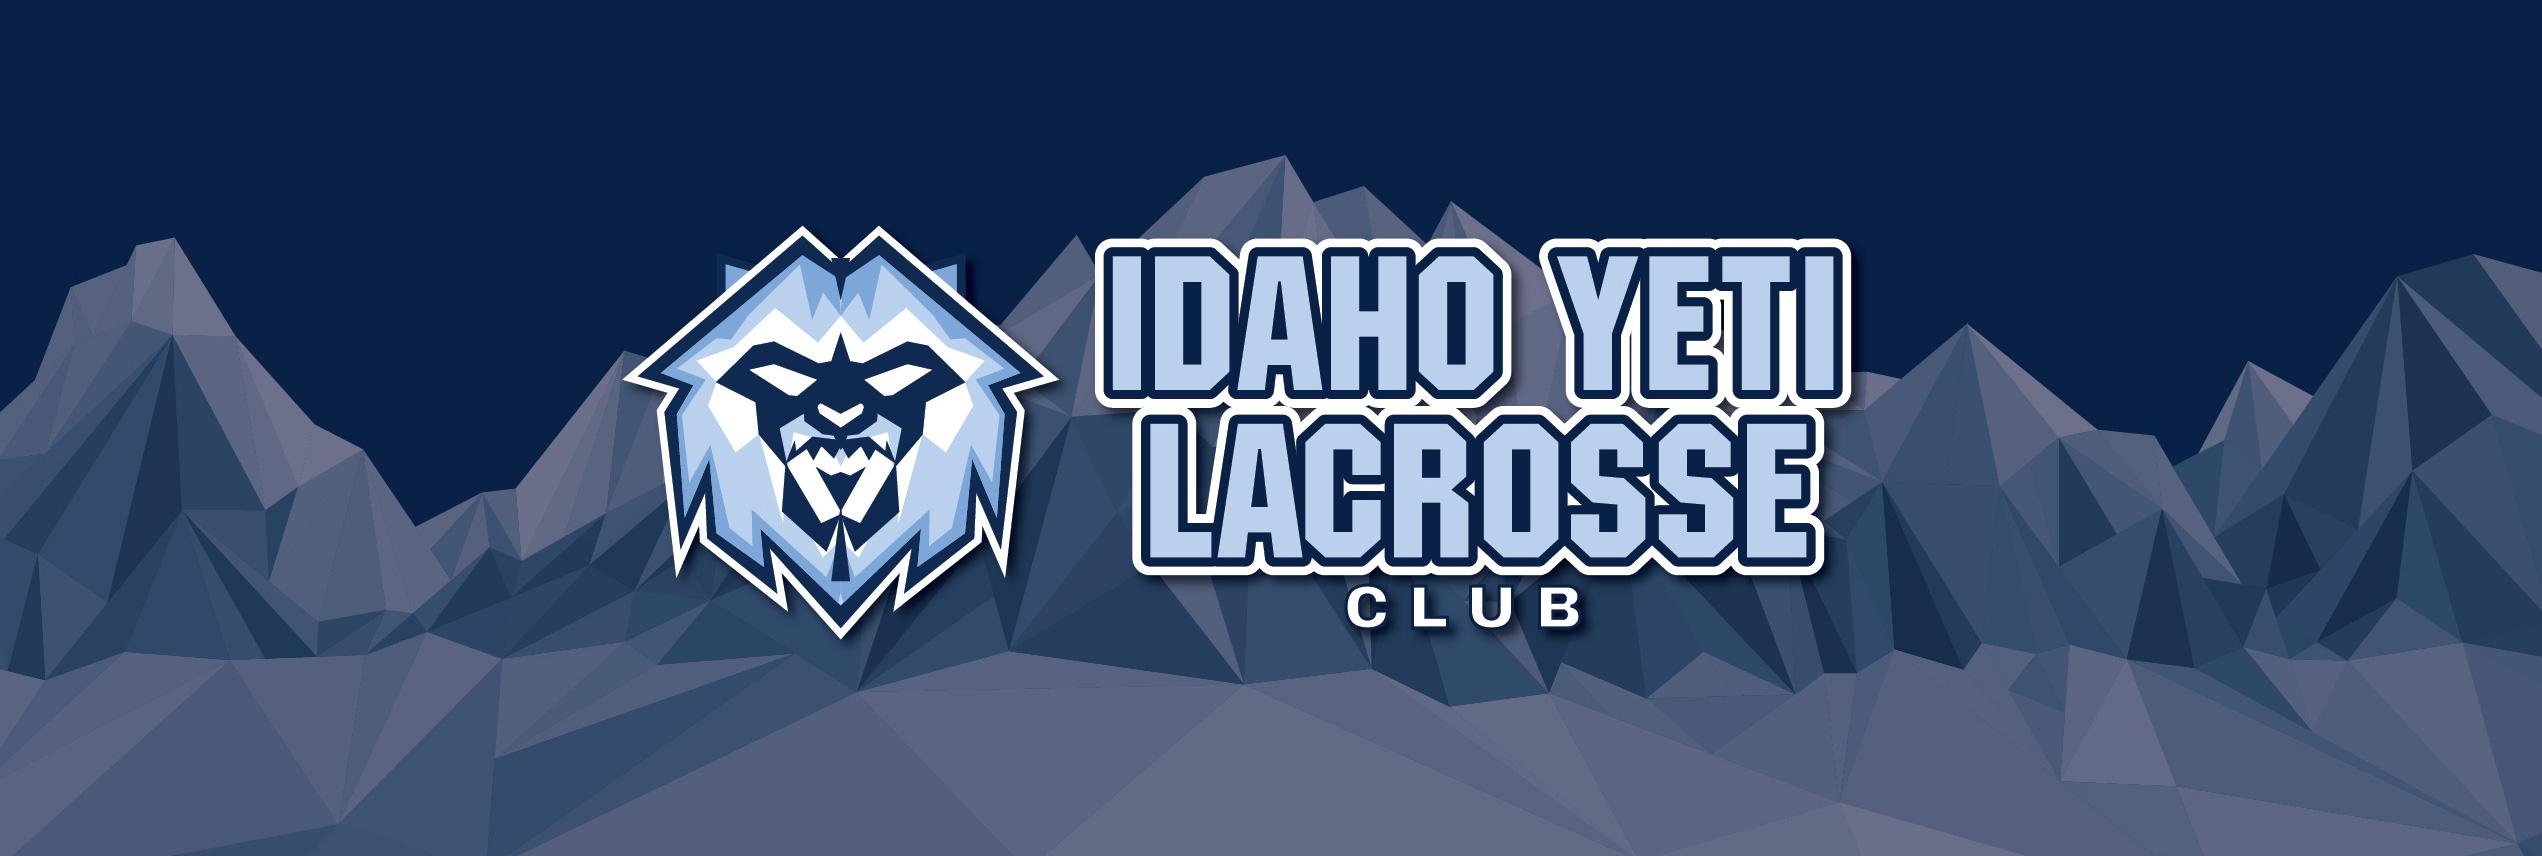 Idaho yeti 2018 youtube image